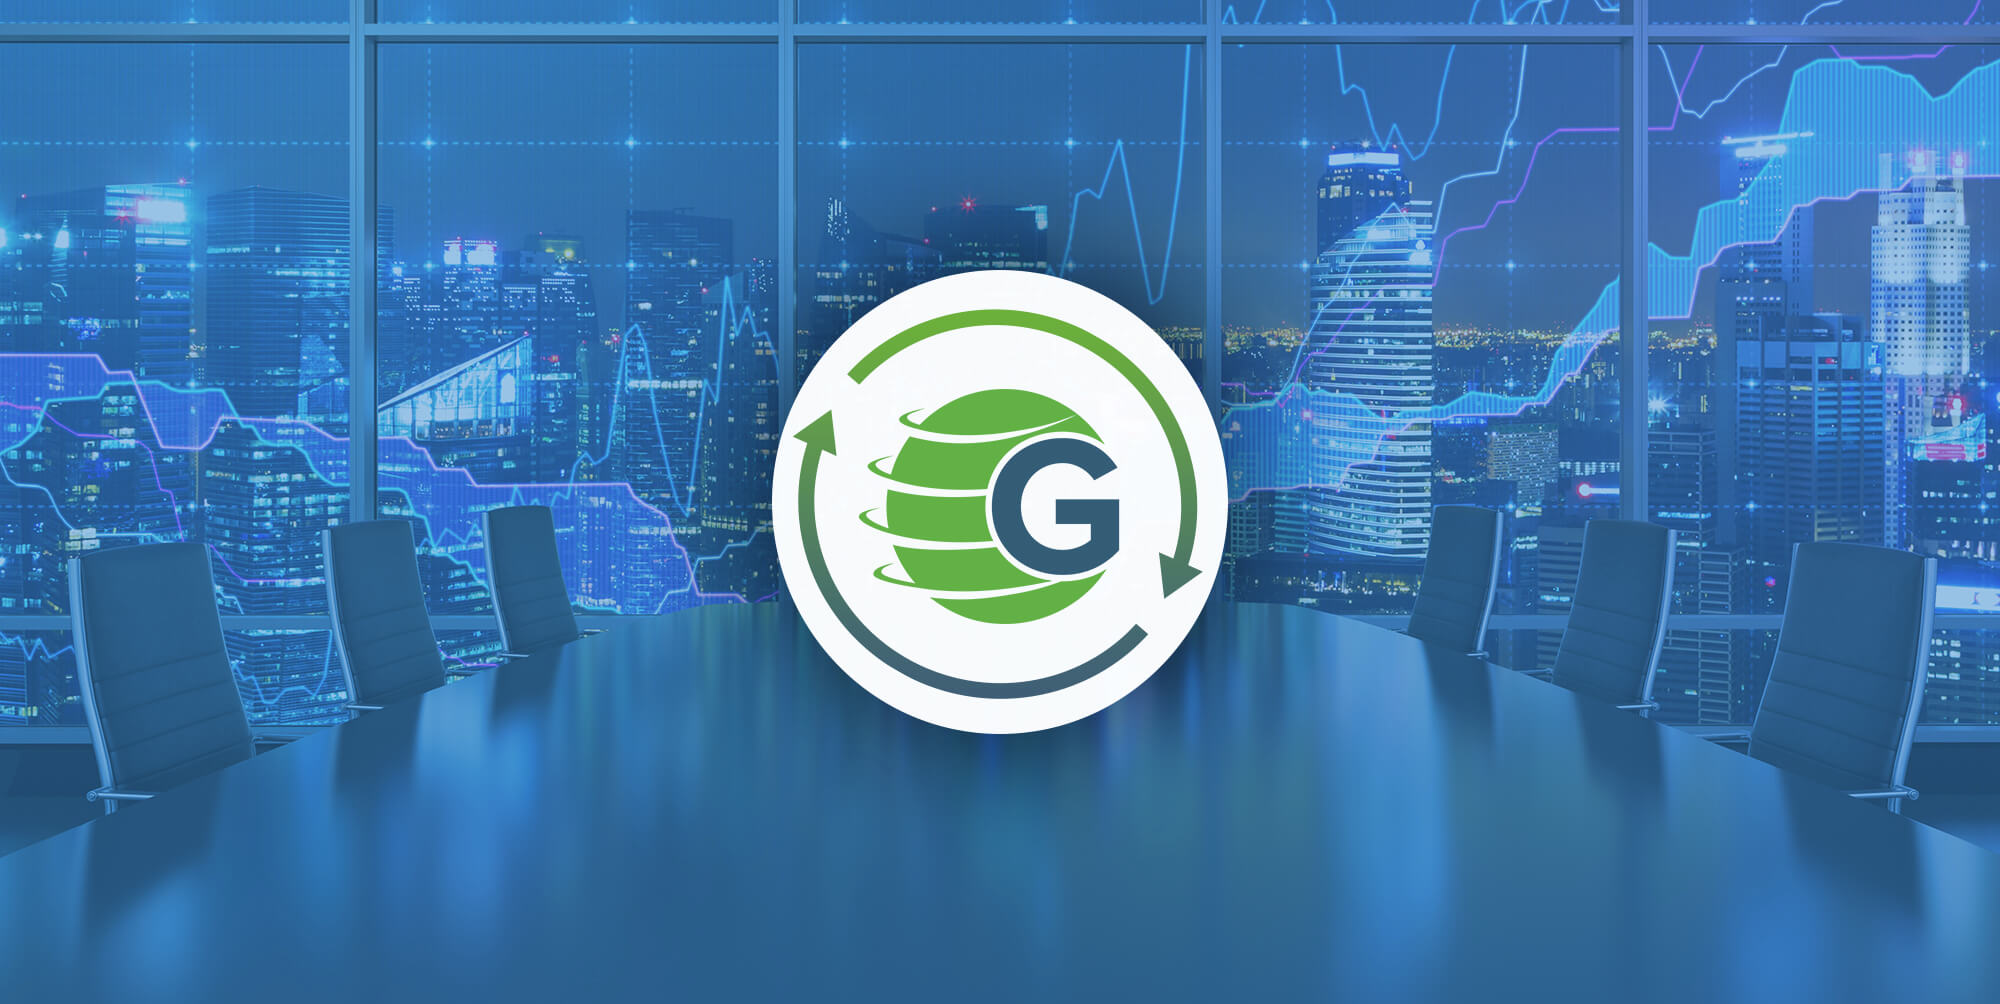 gcm forex hogyan kell befizetni a pénzt